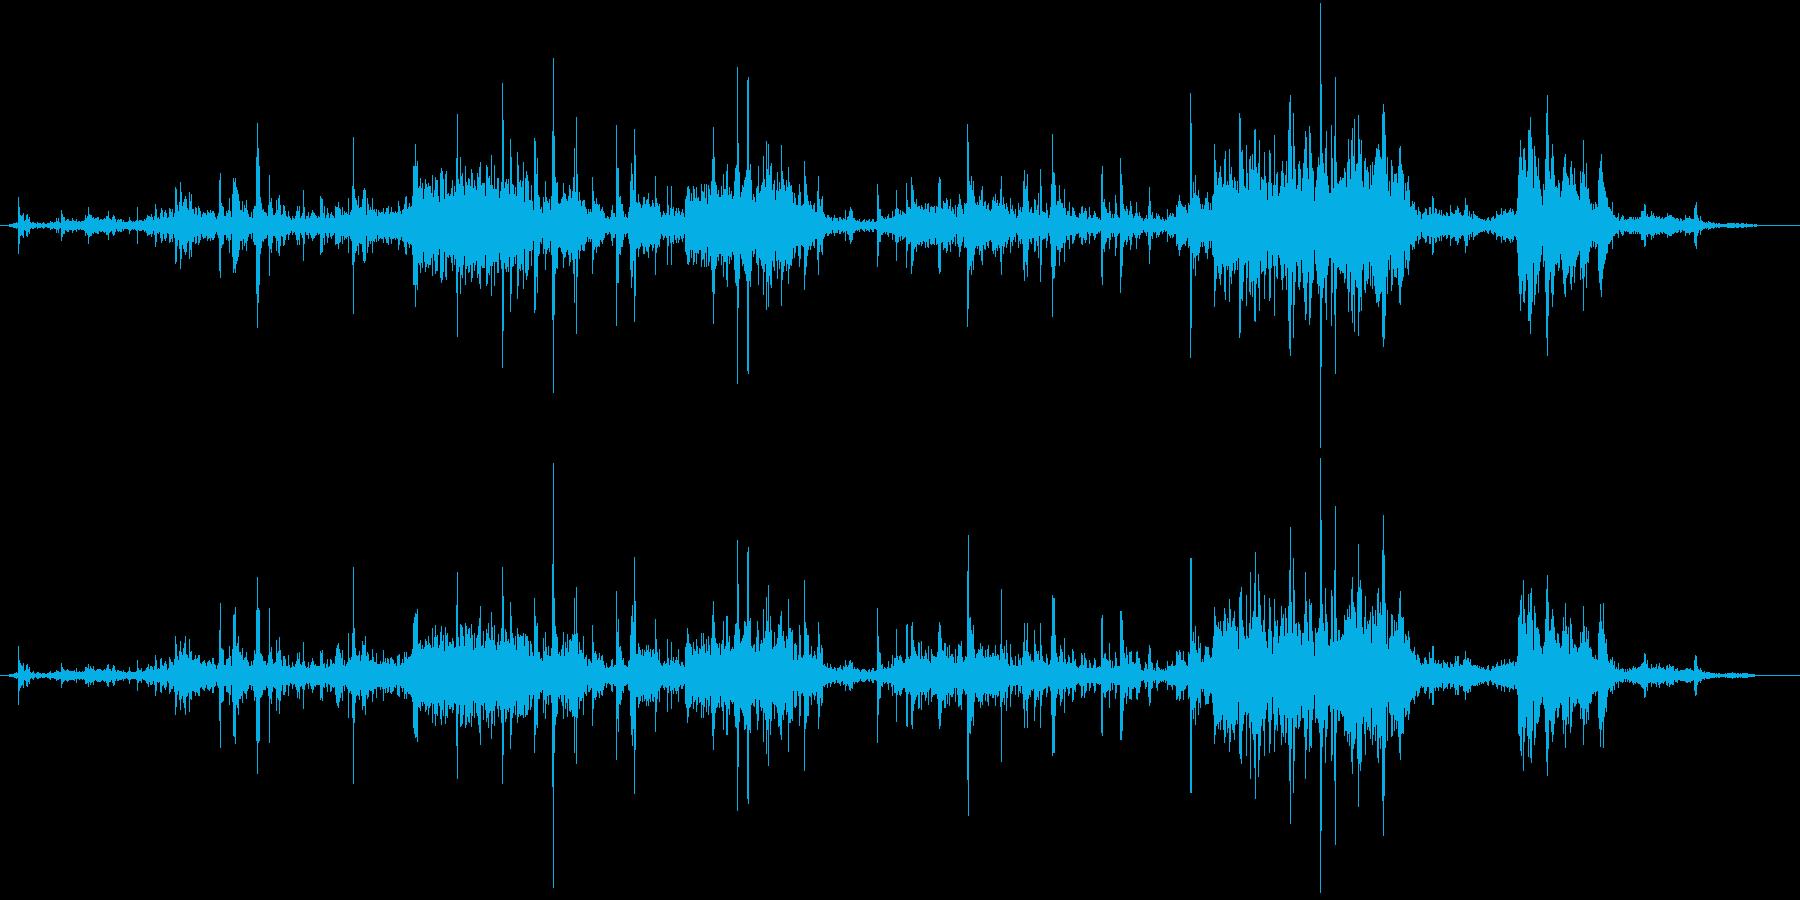 【生録音】ゴミの音 2 かき分けるの再生済みの波形